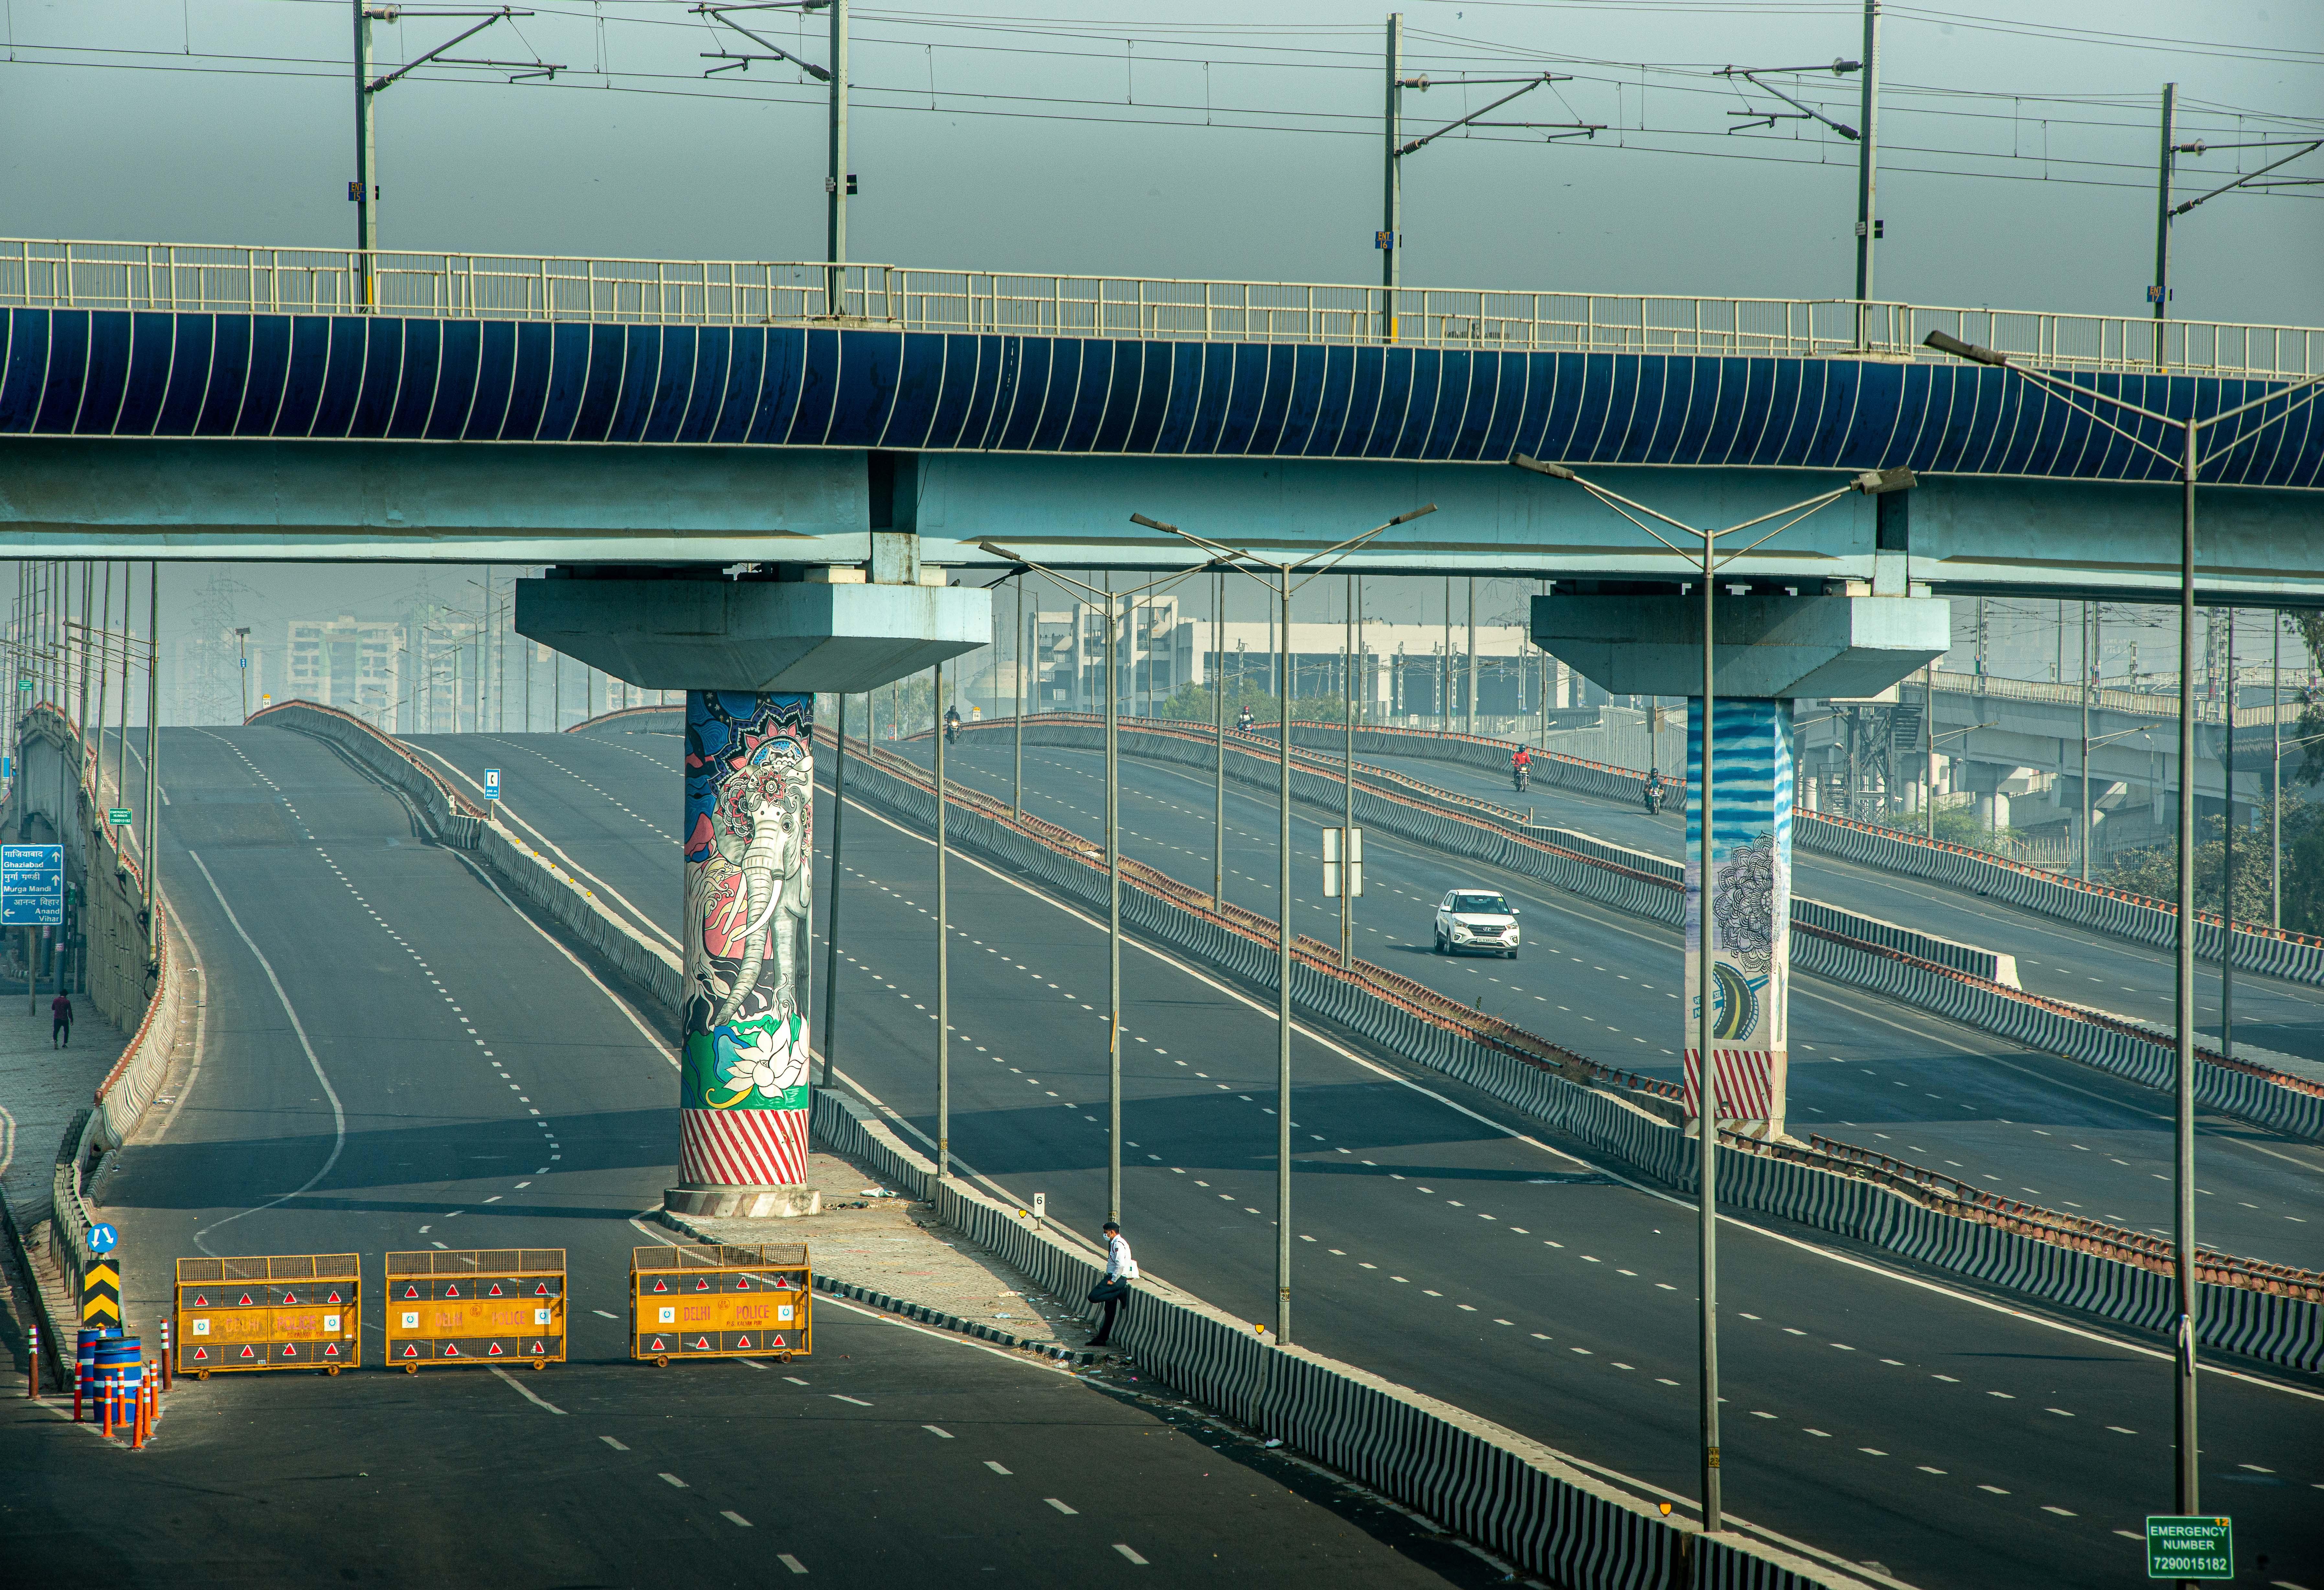 כבישים נטושים בצל המחאה בהודו / צילום: Pradeep Gaur / SOPA Images/Sipa USA